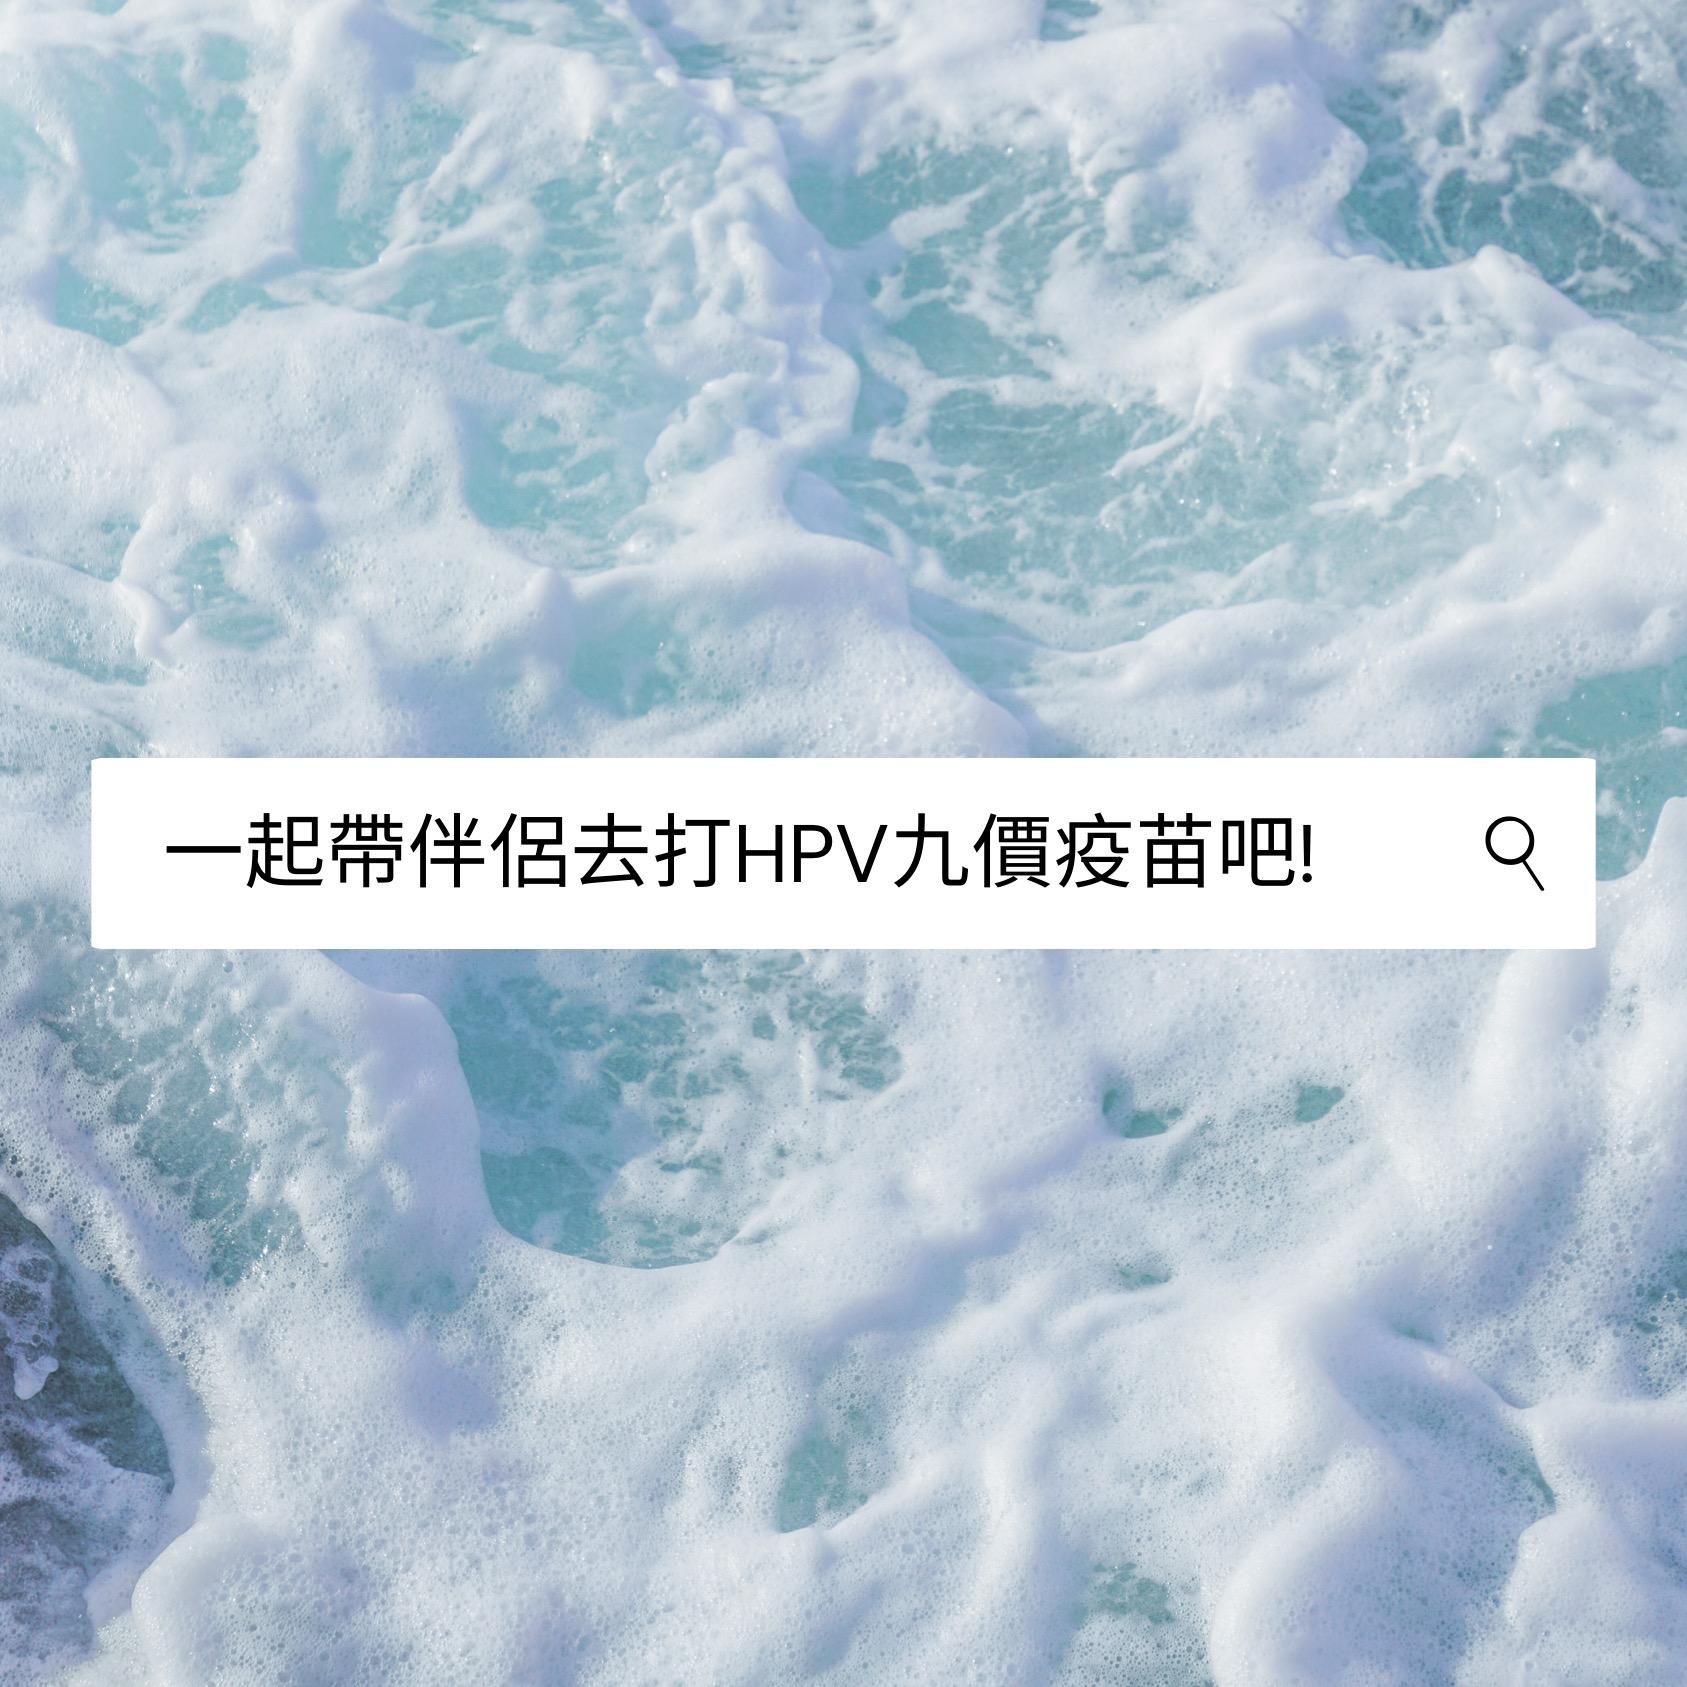 EP6丨婦科生病大恐慌?一起帶伴侶去打HPV九價疫苗吧!揪起來打!